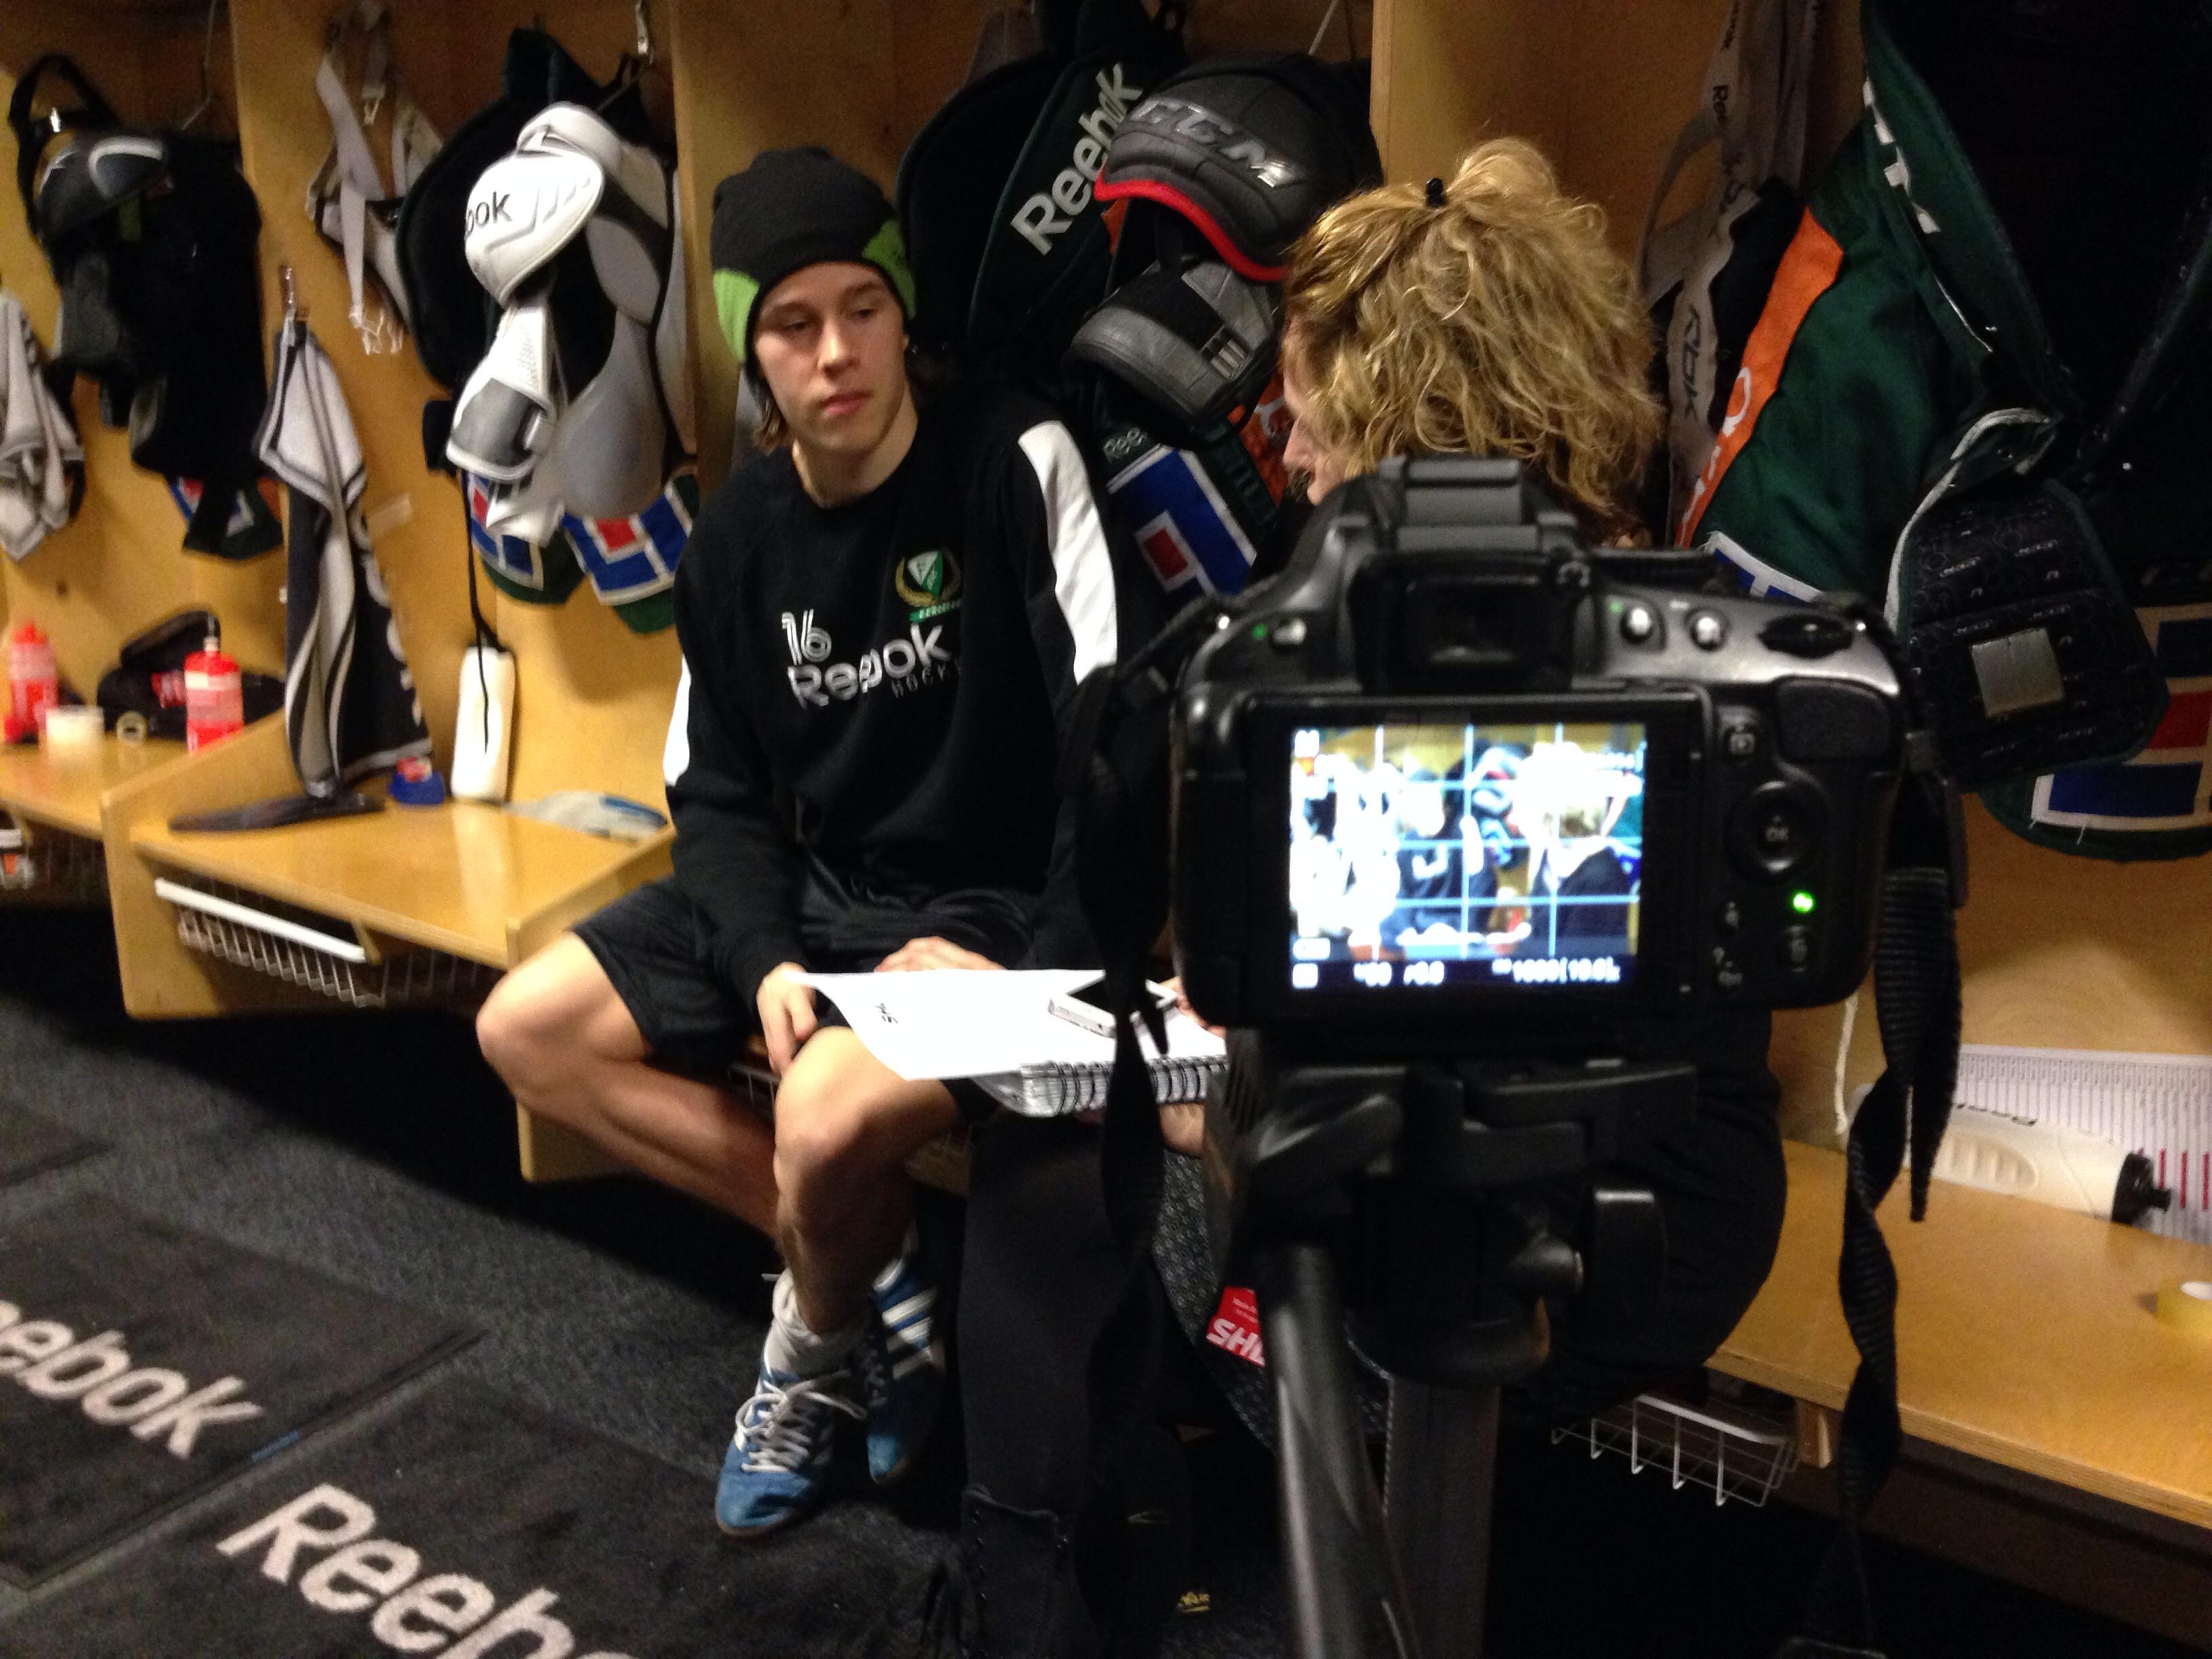 Intervju med Joakim Nygård. Semifinal 6 Färjestad-Växjö 11 april 2014. Foto: Magnus Sjöberg/fbkbloggen